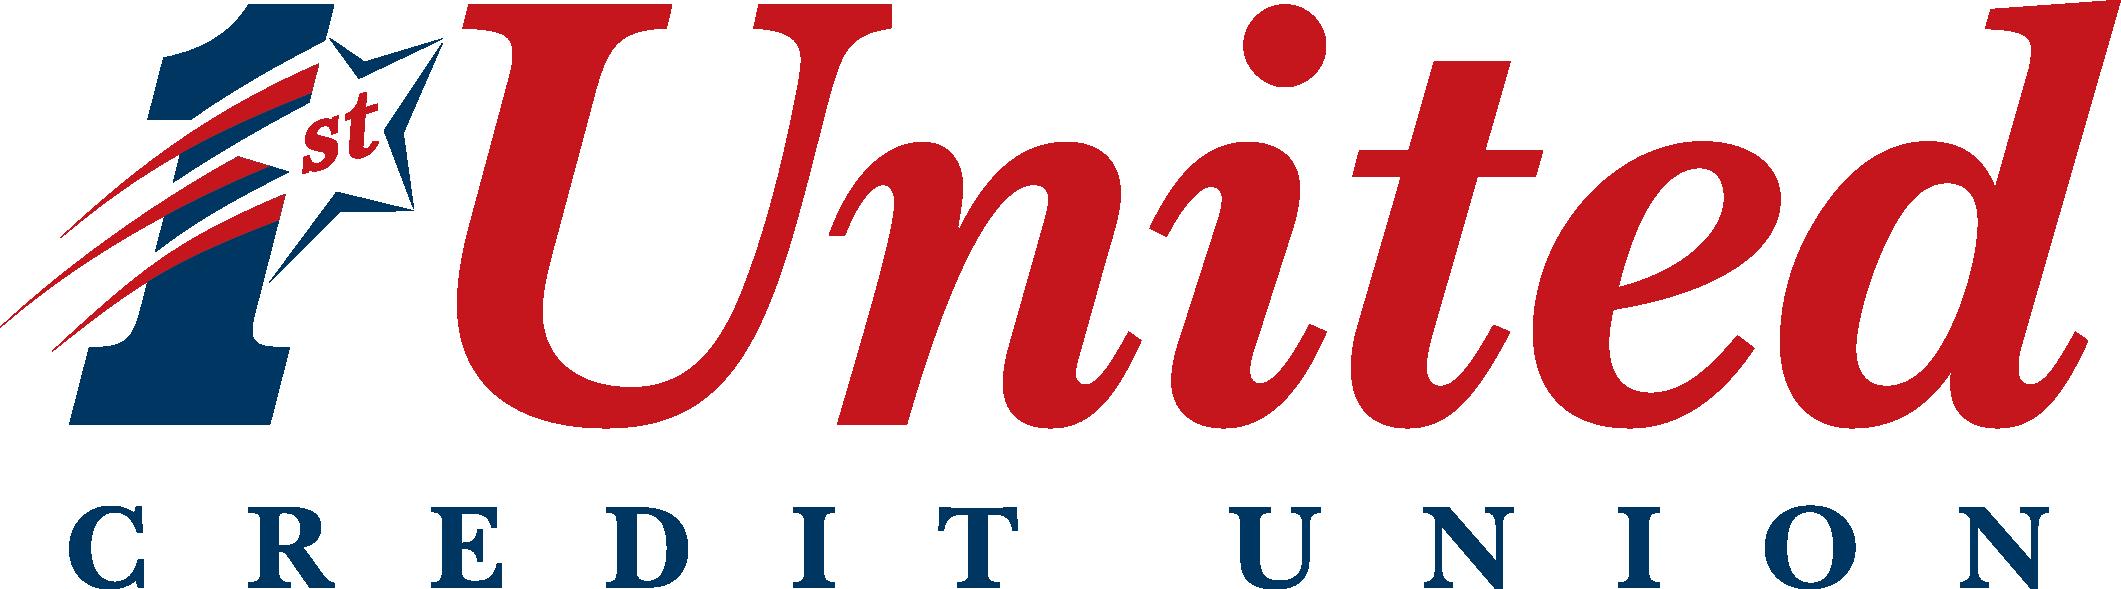 1st United Credit Union Logo